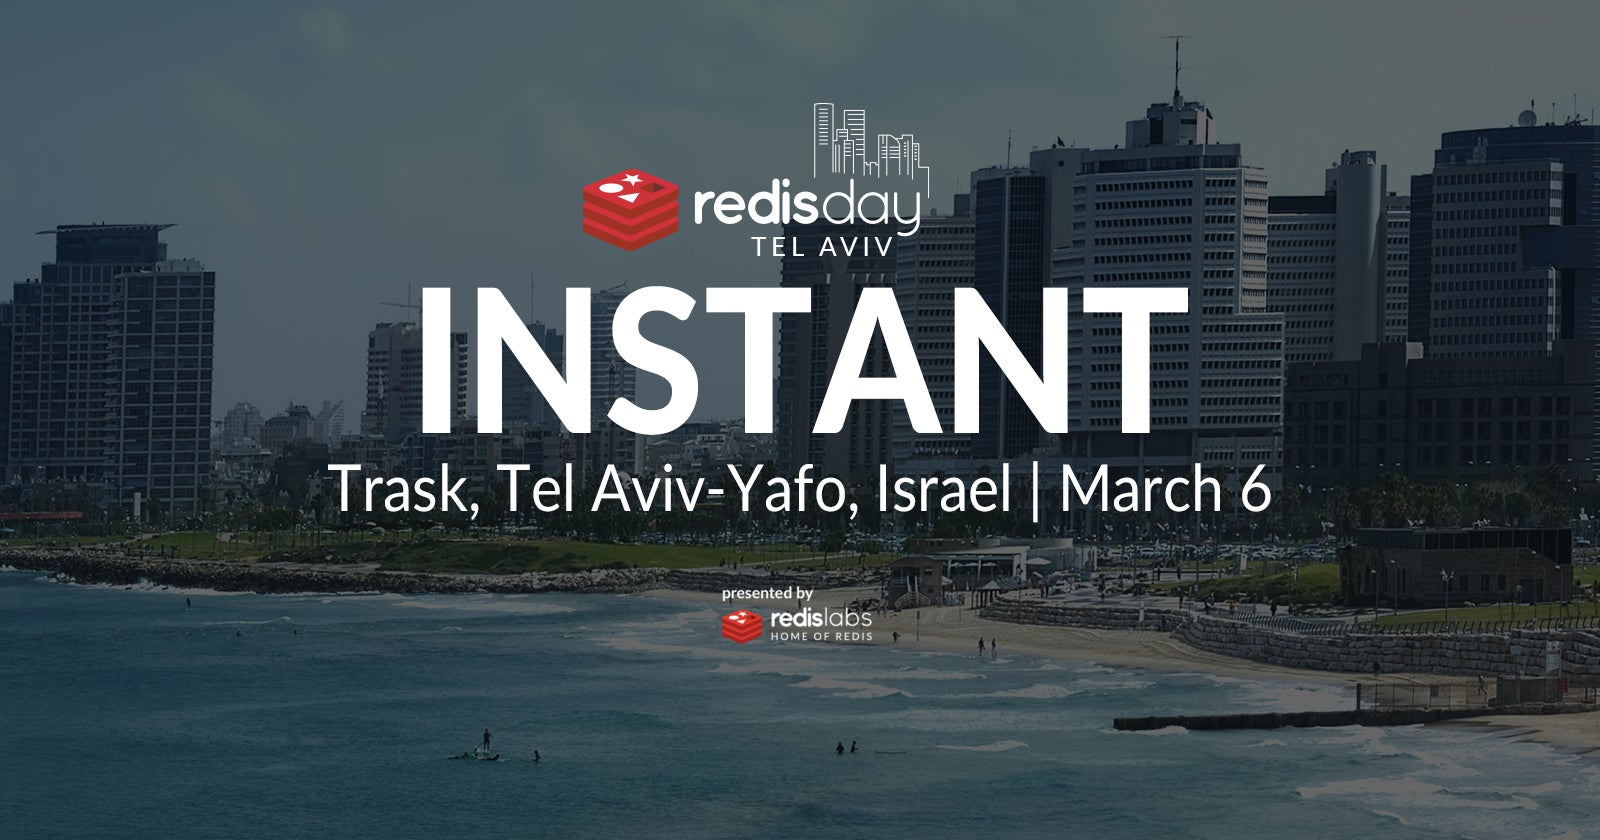 Redis Day Tel Aviv 2019